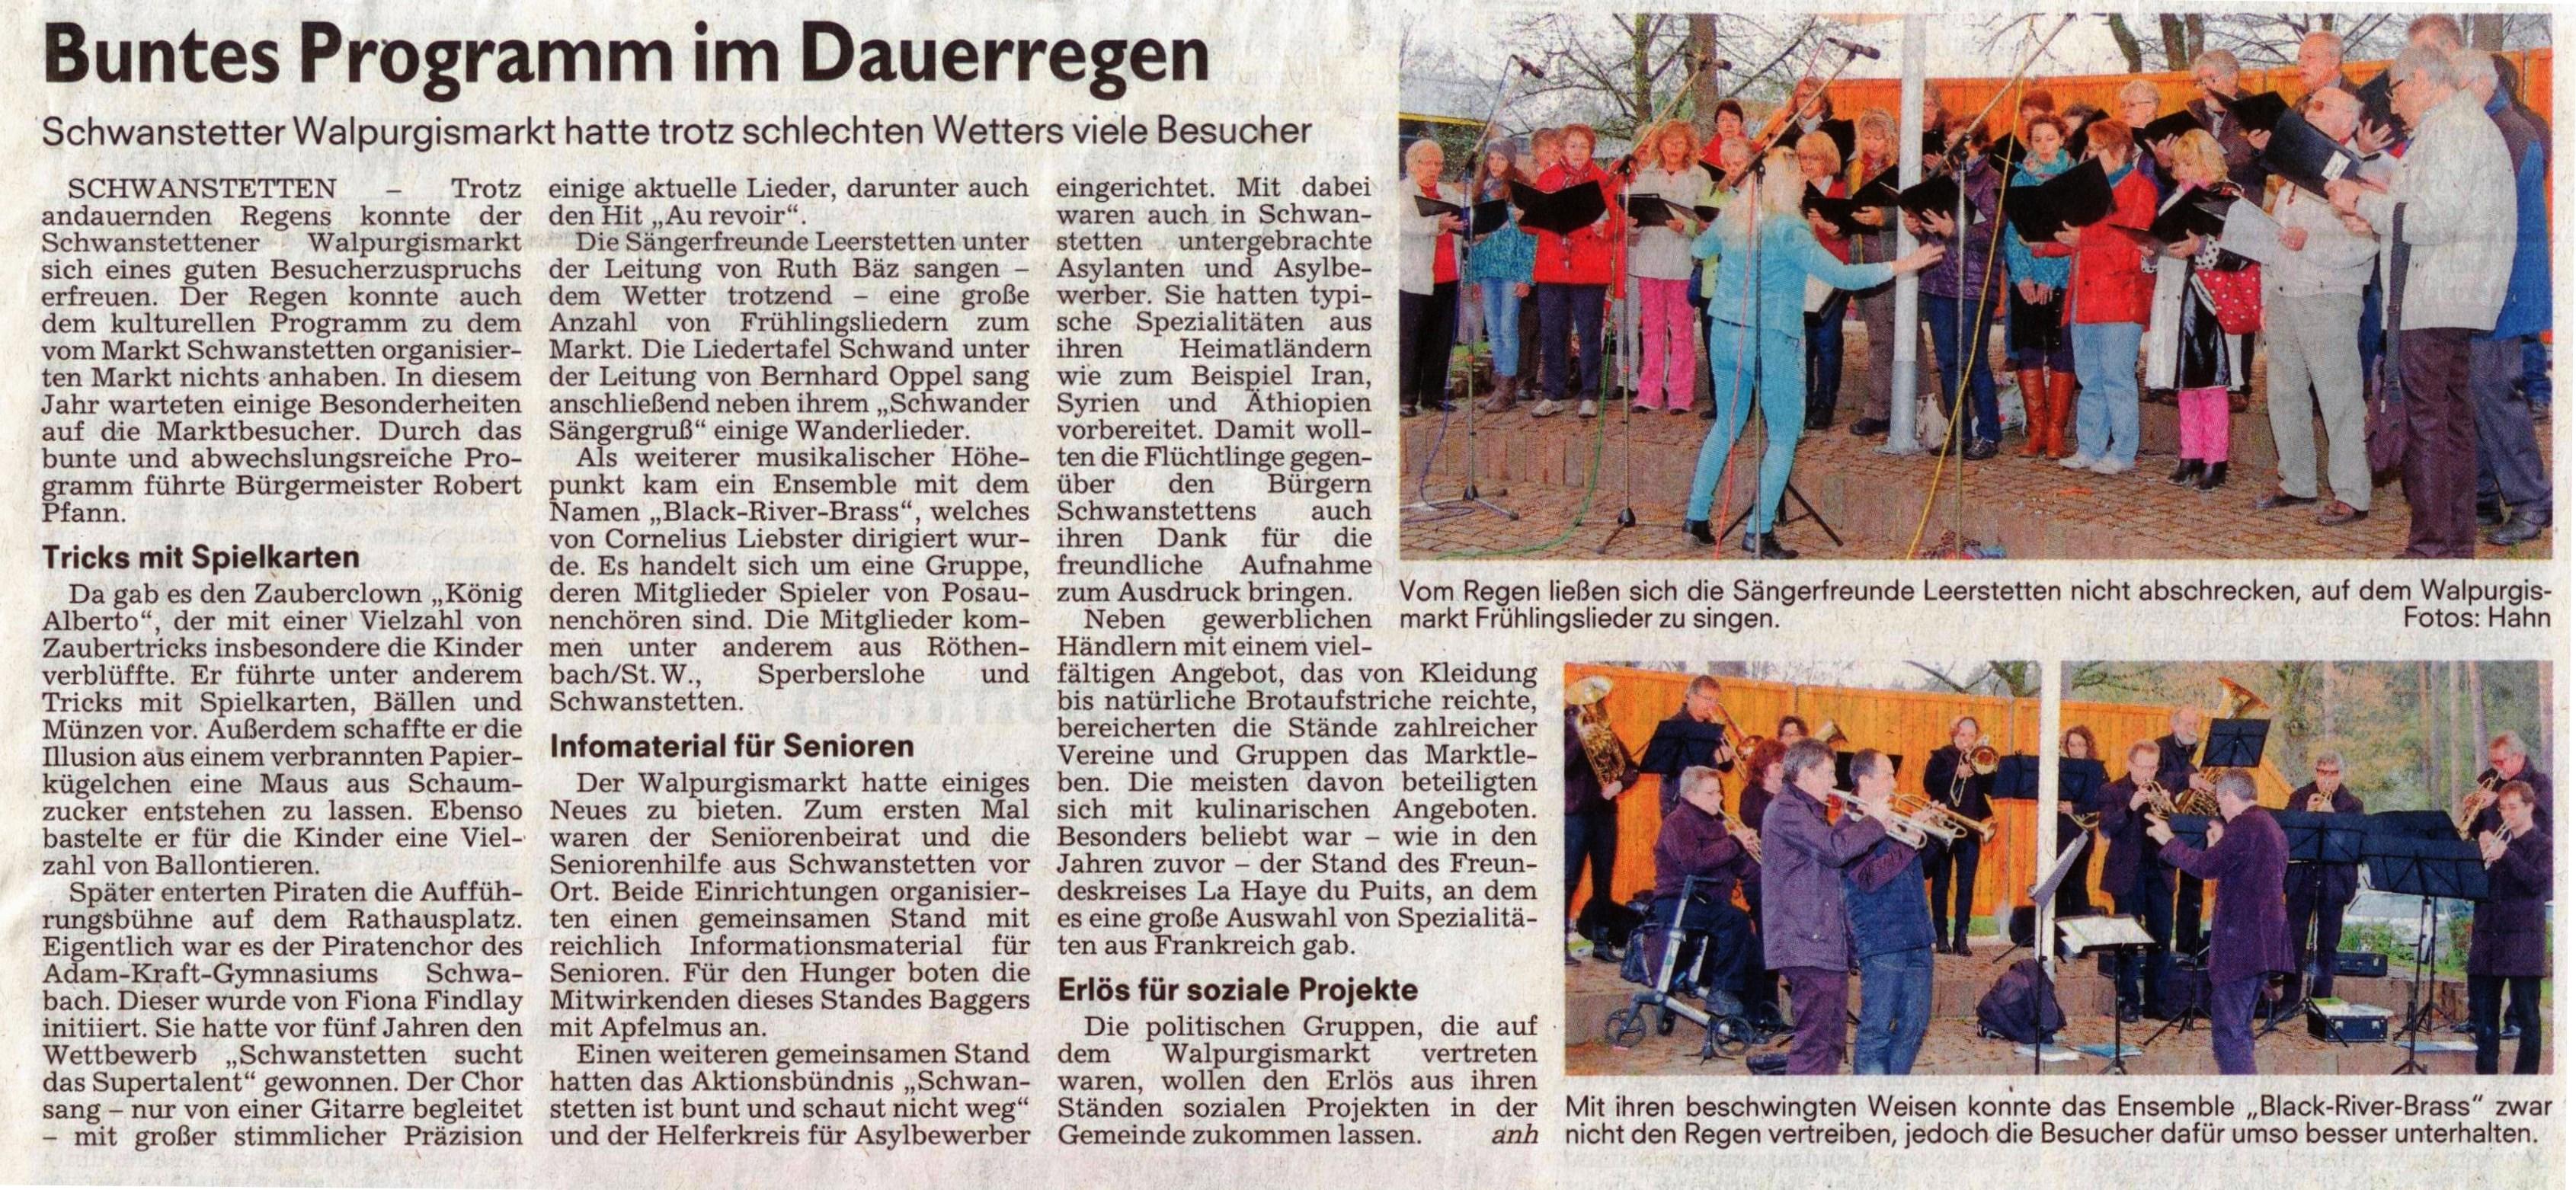 BRB 01.05.2015 Schwanstetten